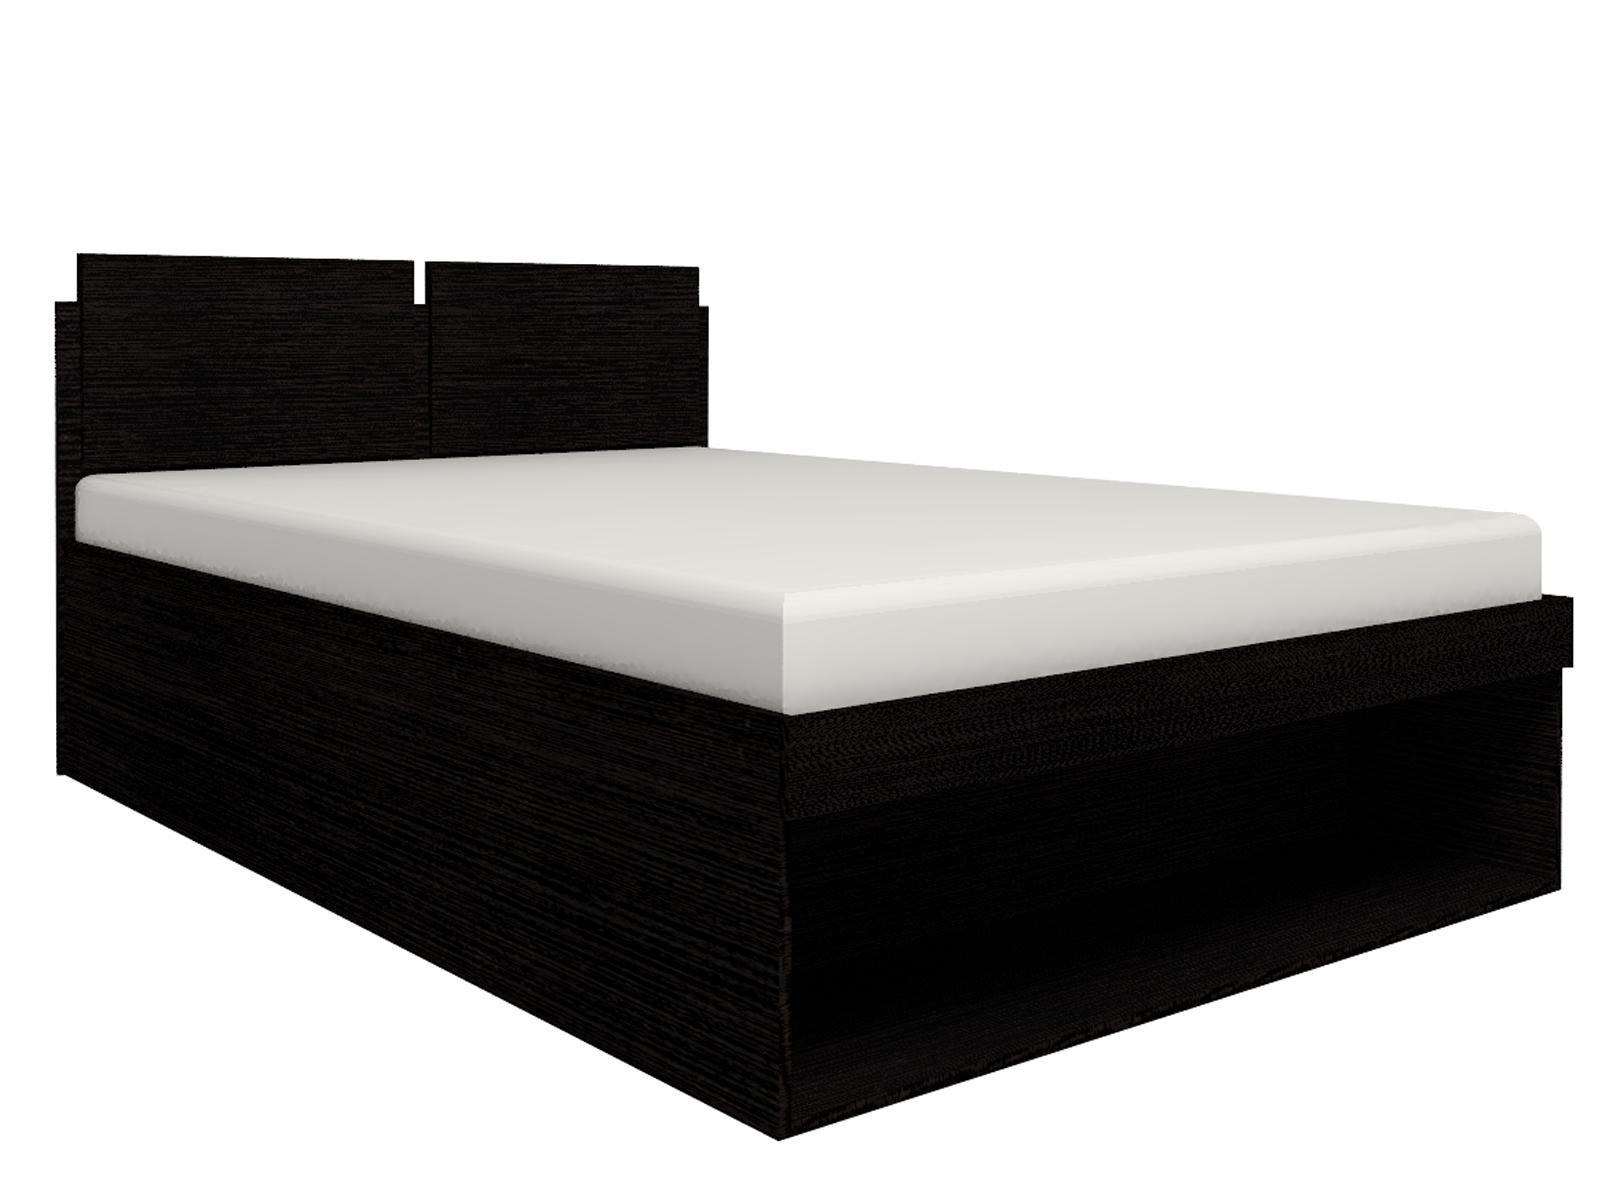 Спальня Hyper (комплект 2) - фото Кровать 3 Hyper 140*200 с подъемным механизмом (Венге монохром)